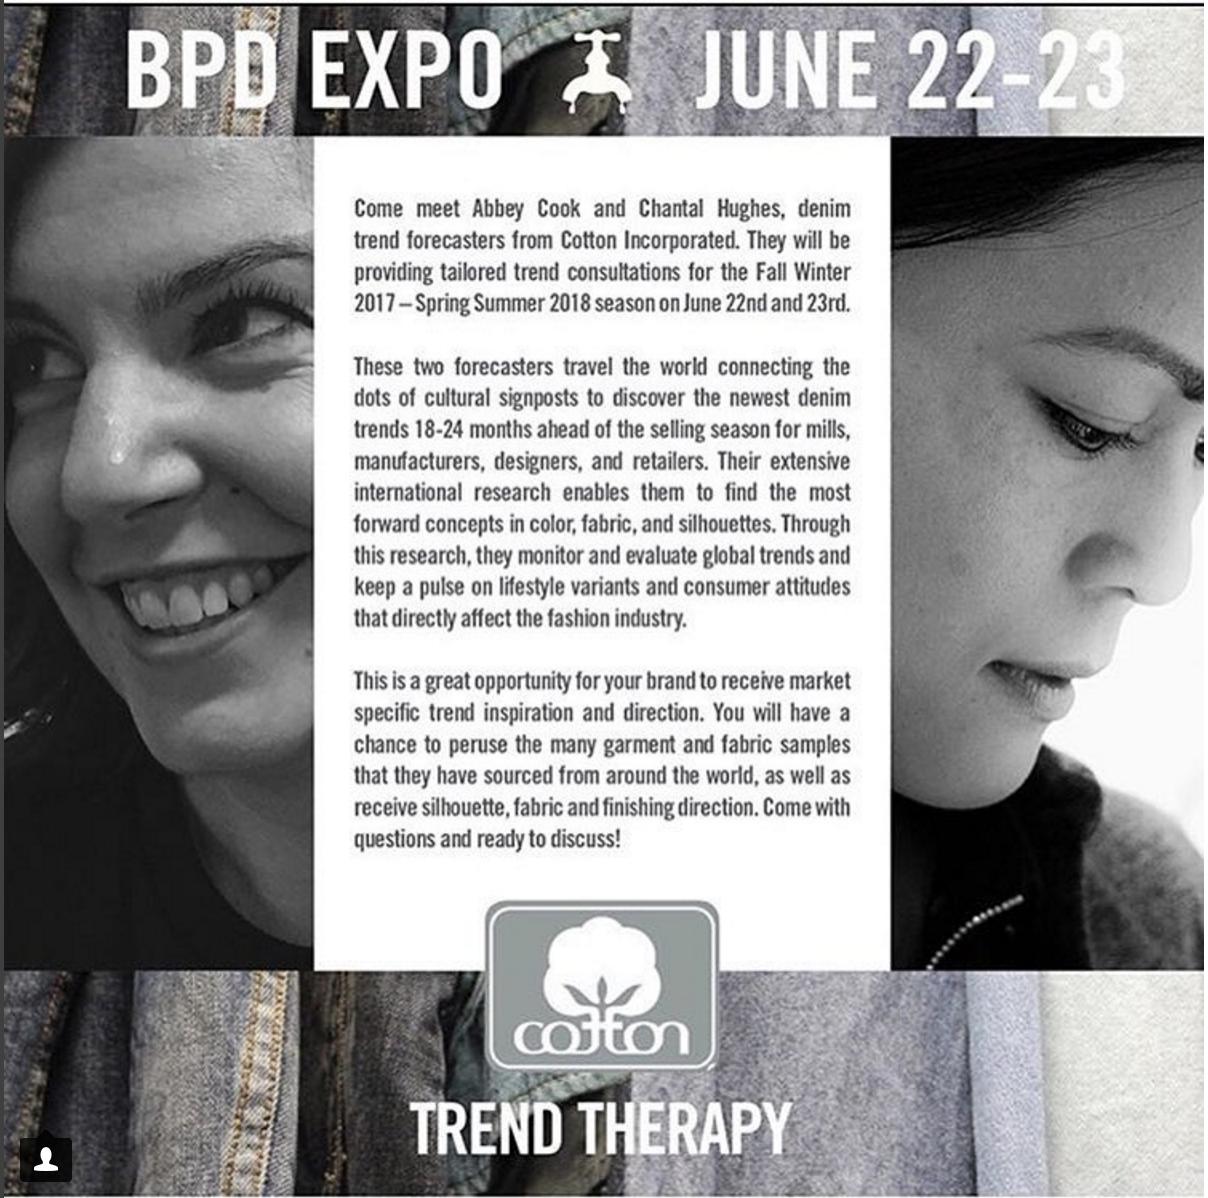 Blueprint Denim Expo - Presented denim trends to major retailers